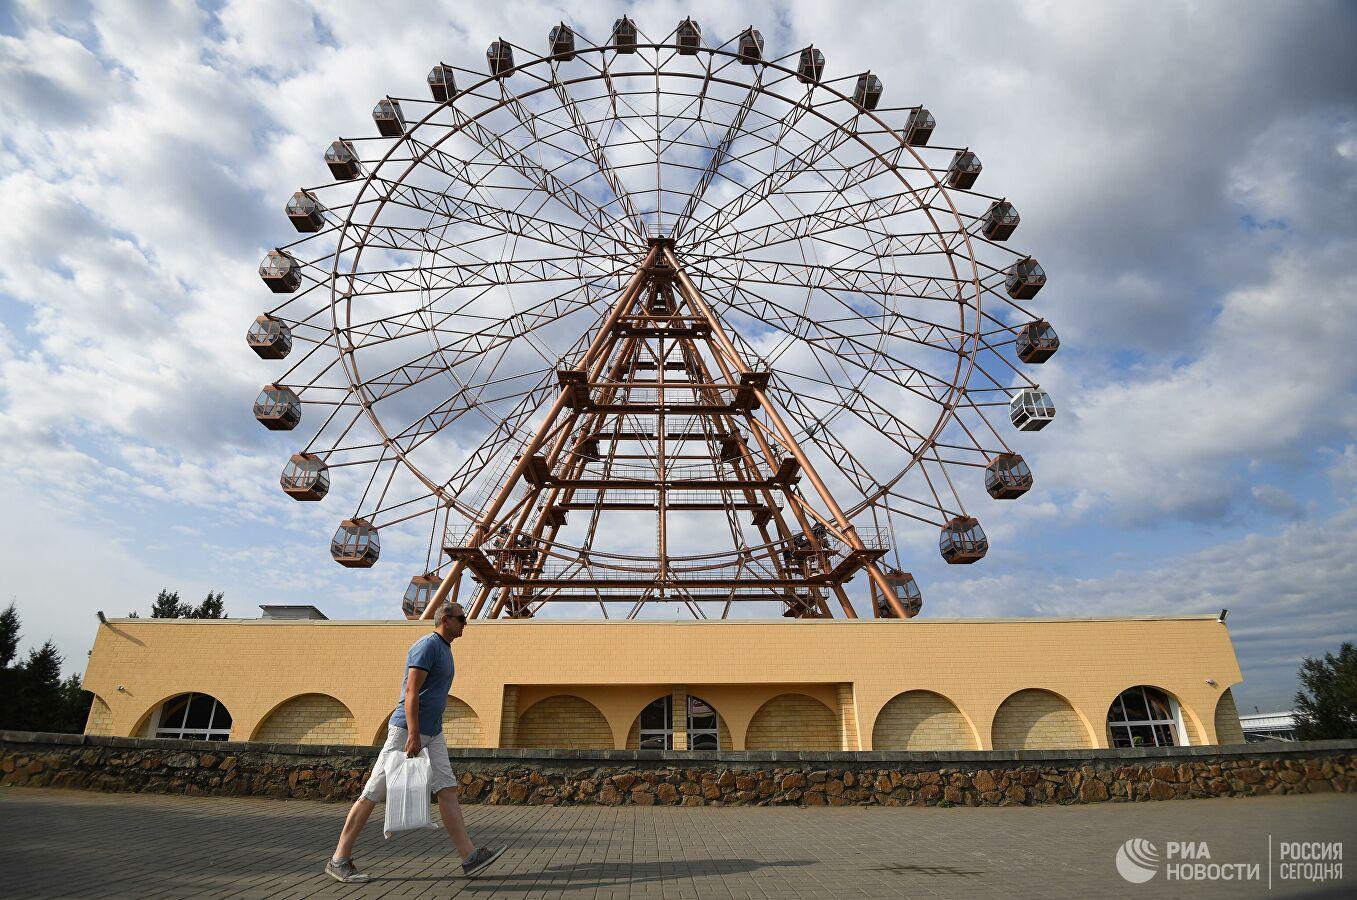 В Новосибирске запустили самое высокое за Уралом колесо обозрения